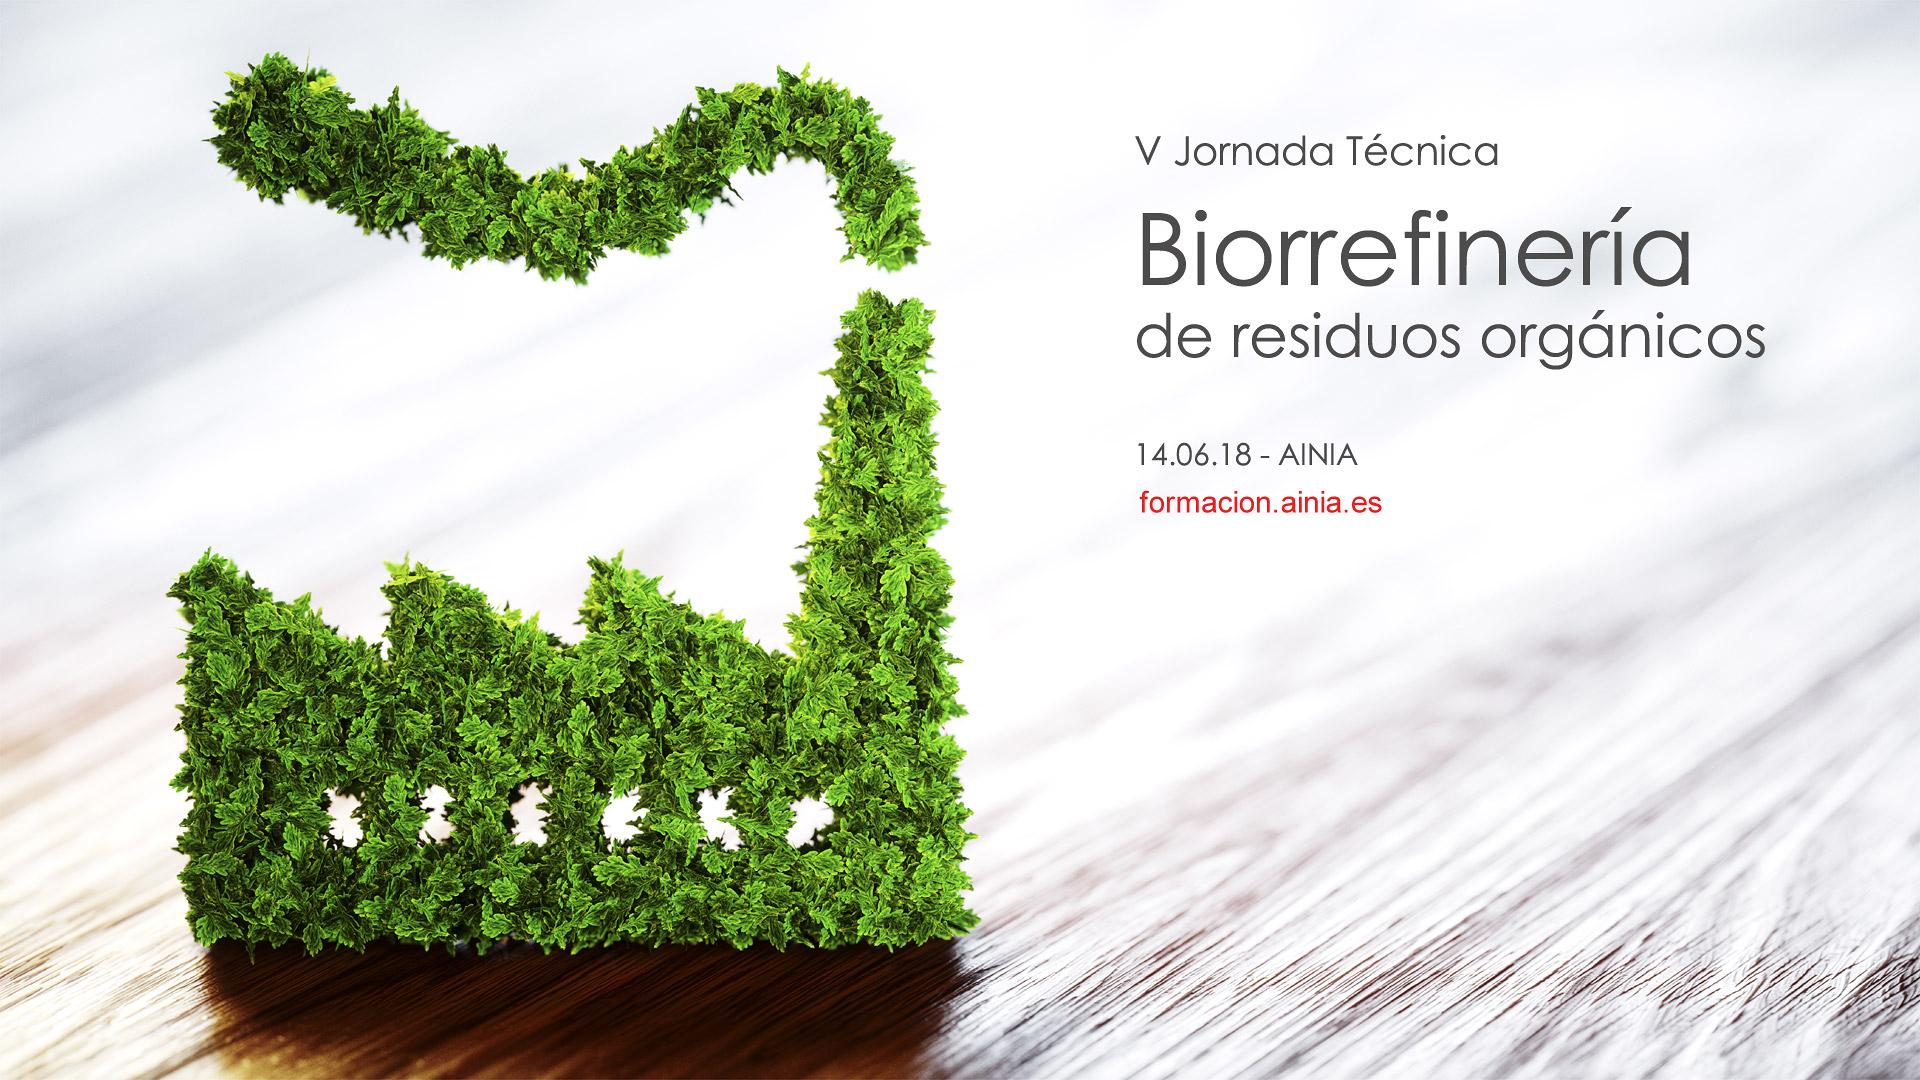 (Español) 5ª Edición de la Jornada Técnica 'Biorrefinería de Residuos Orgánicos' (Jueves, 14 de junio | 9:00h | Valencia) #biorefineryAINIA